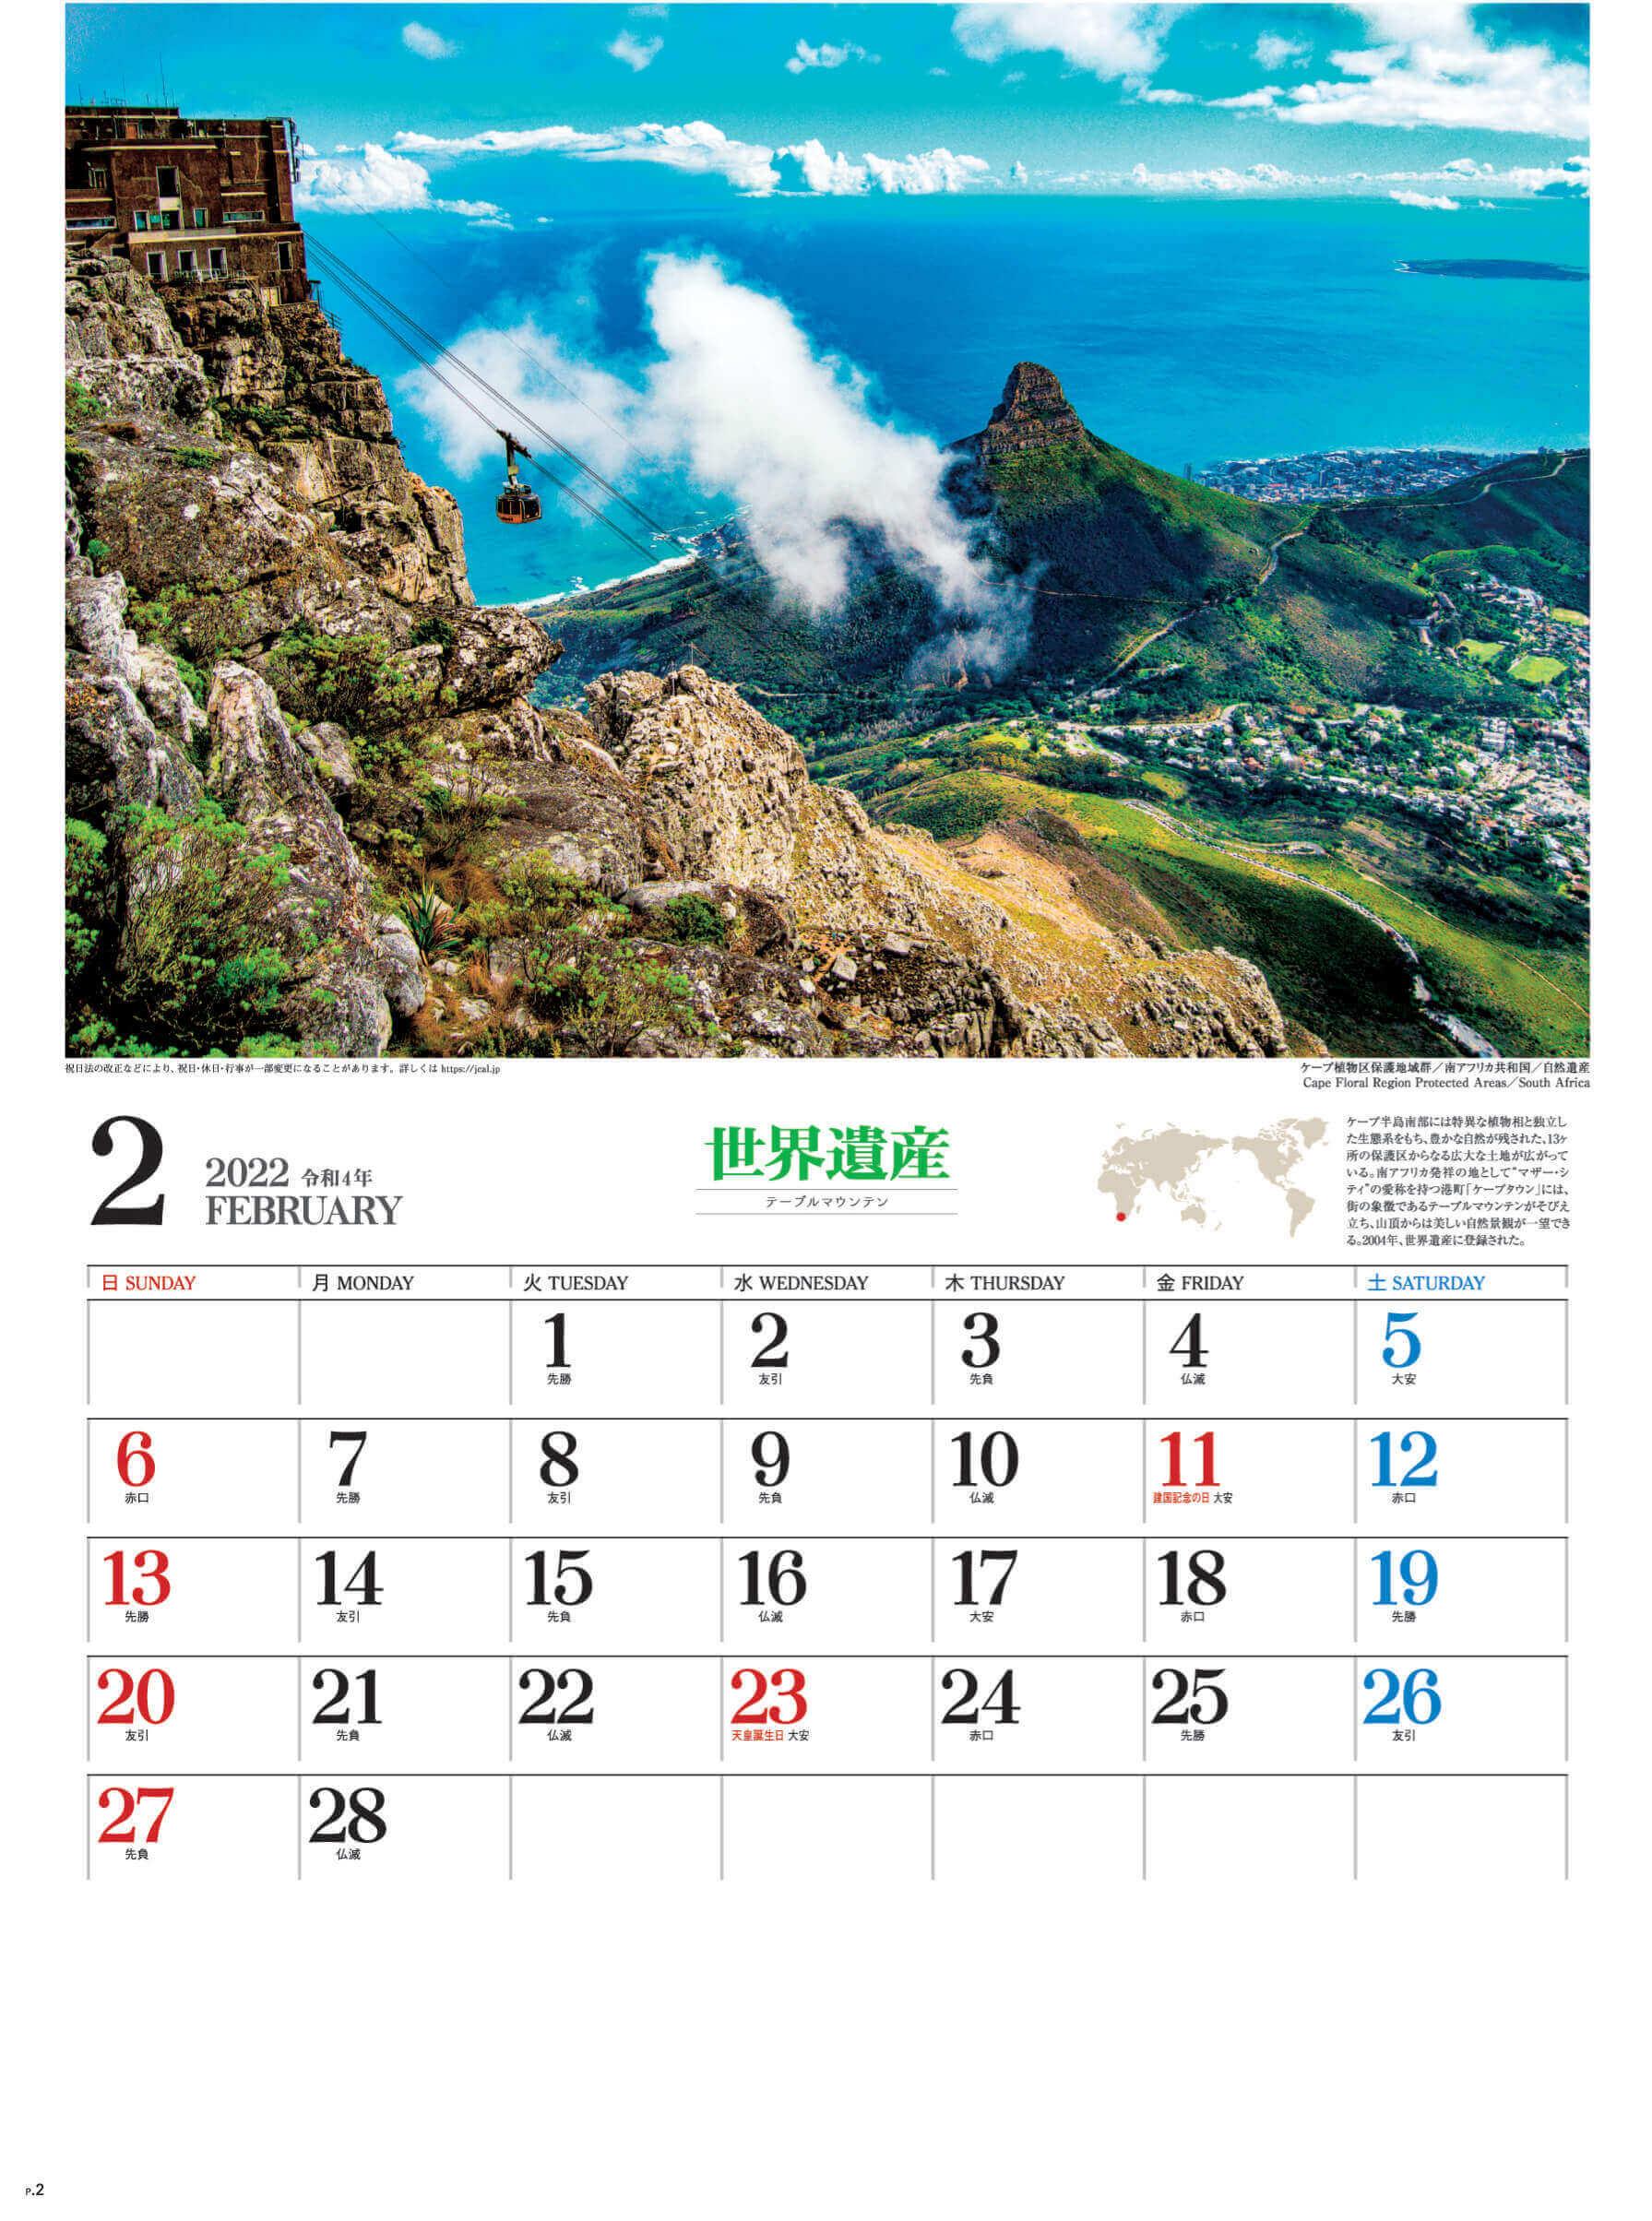 2月 ケープ植物区保護地域群 南アフリカ ユネスコ世界遺産 2022年カレンダーの画像